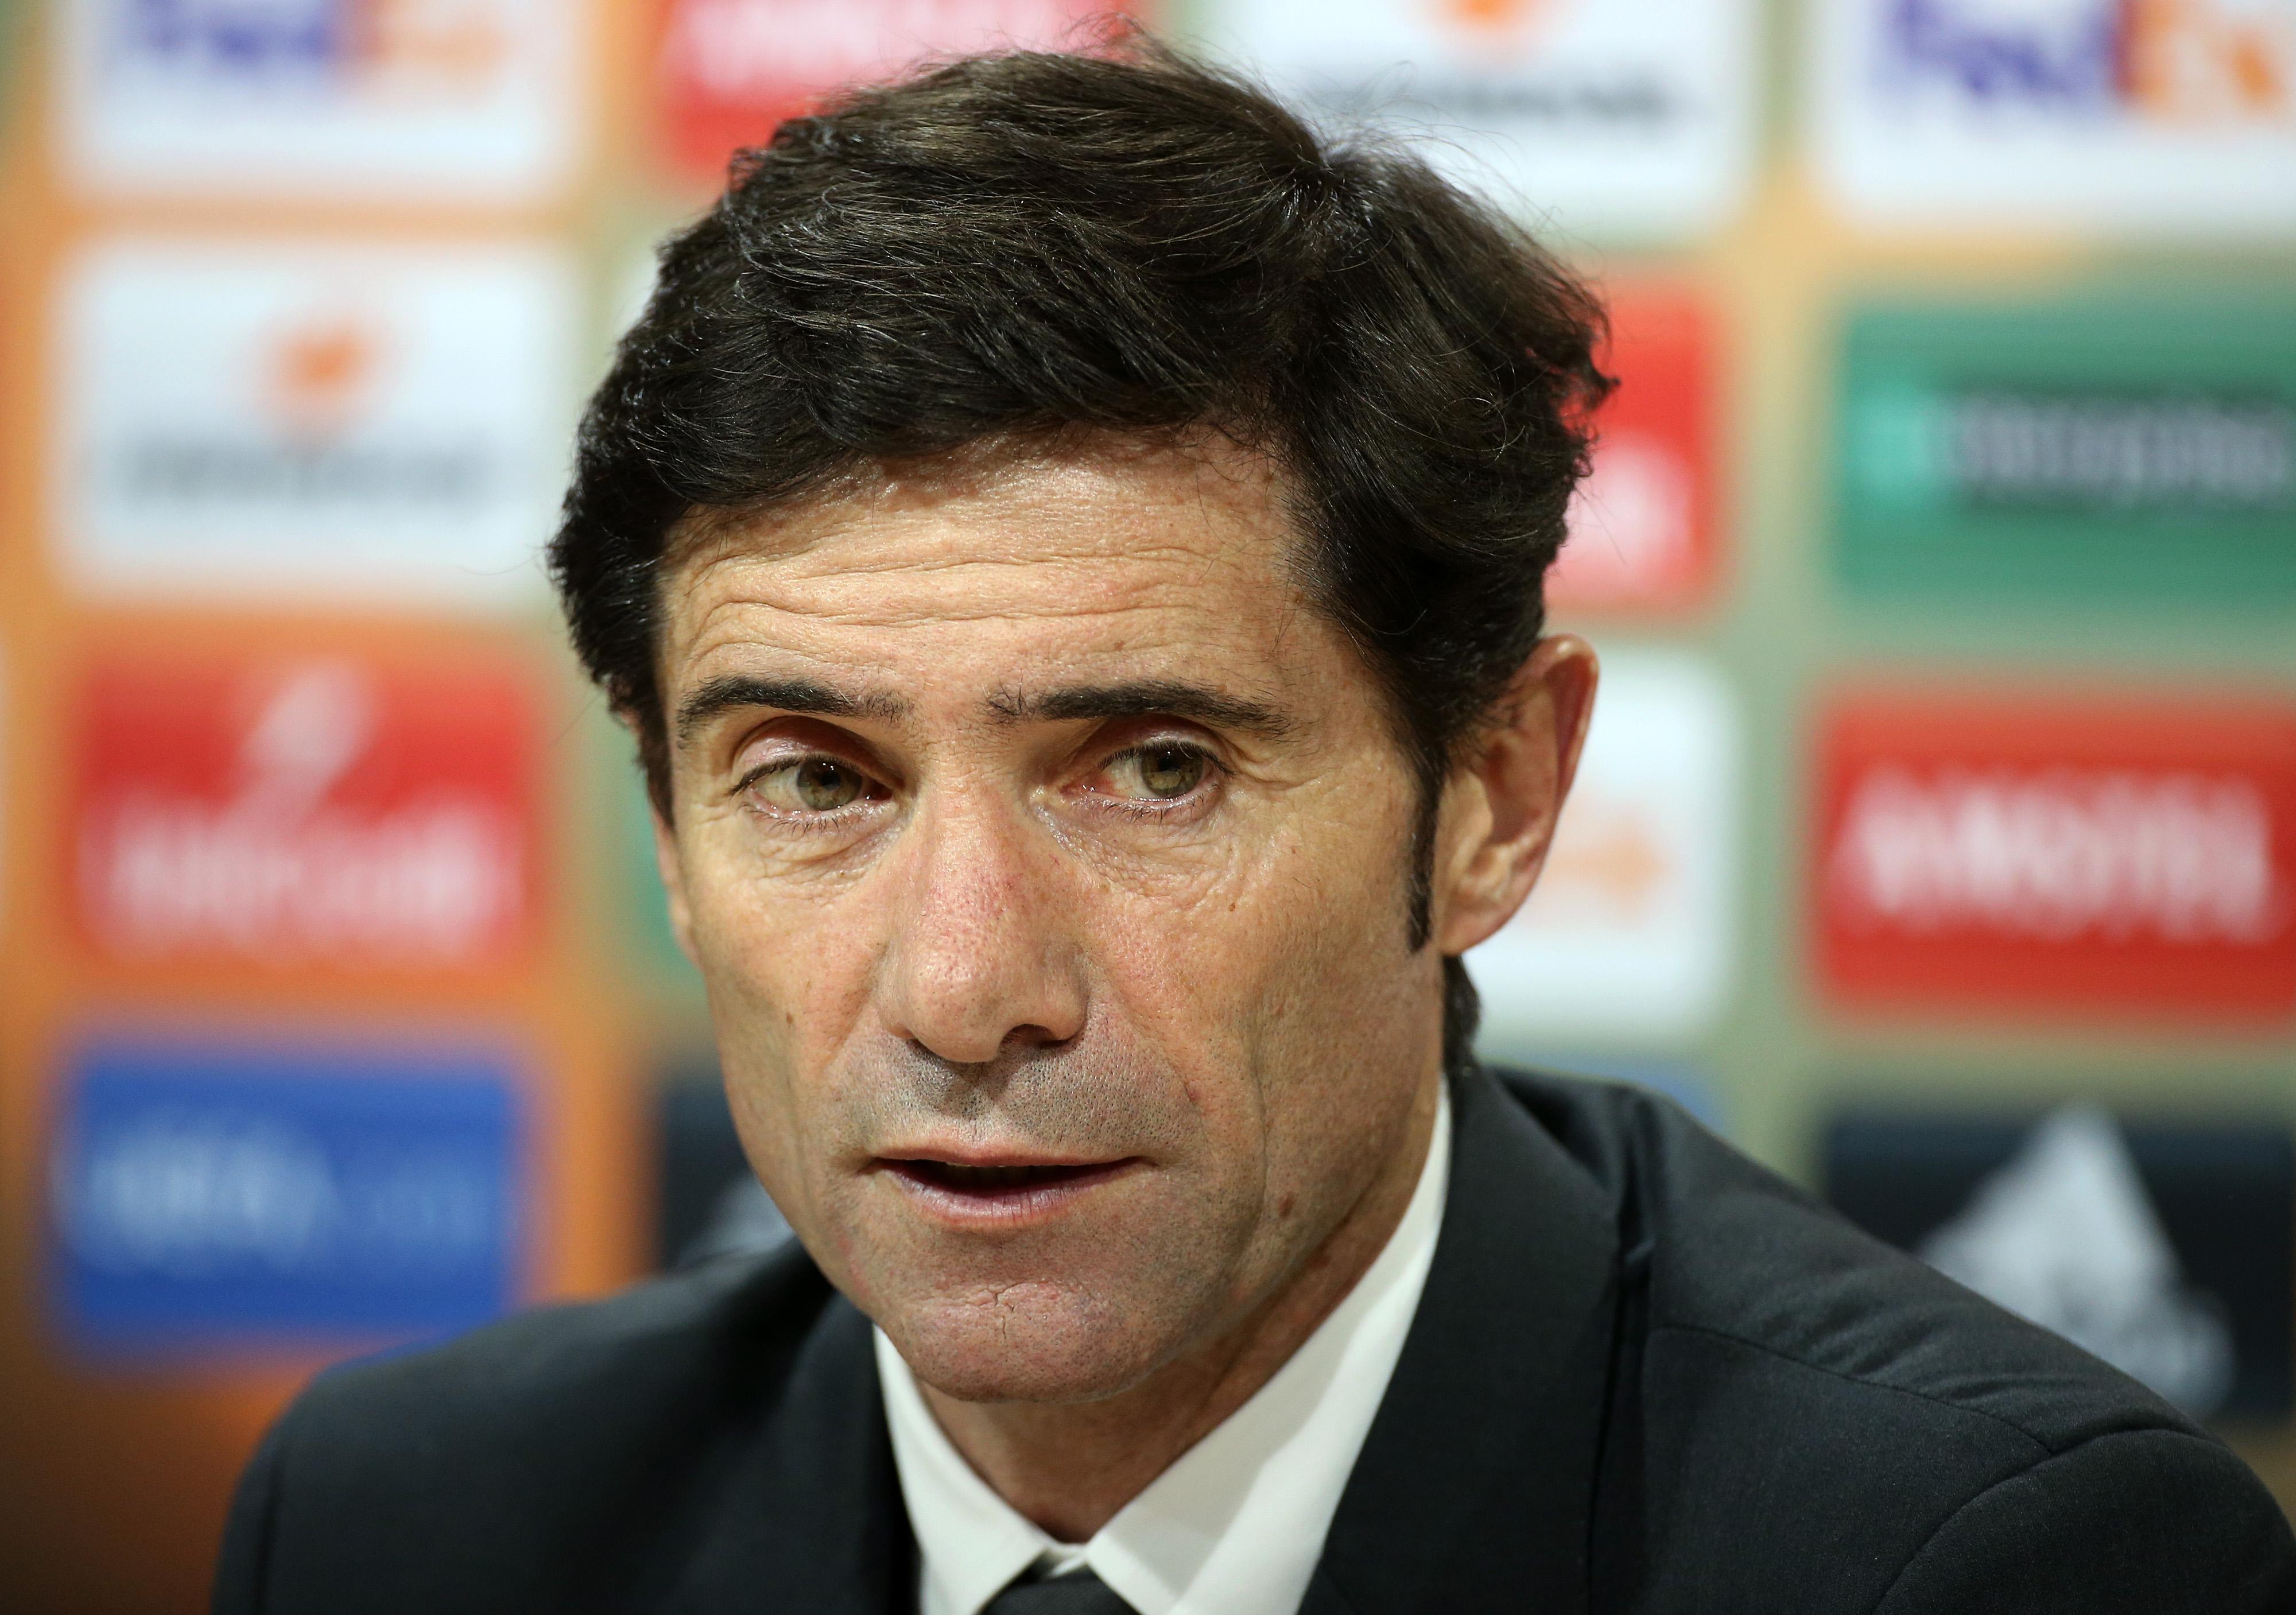 Villarreal boss Marcelino trolls Liverpool for expensive transfer of Christian Benteke